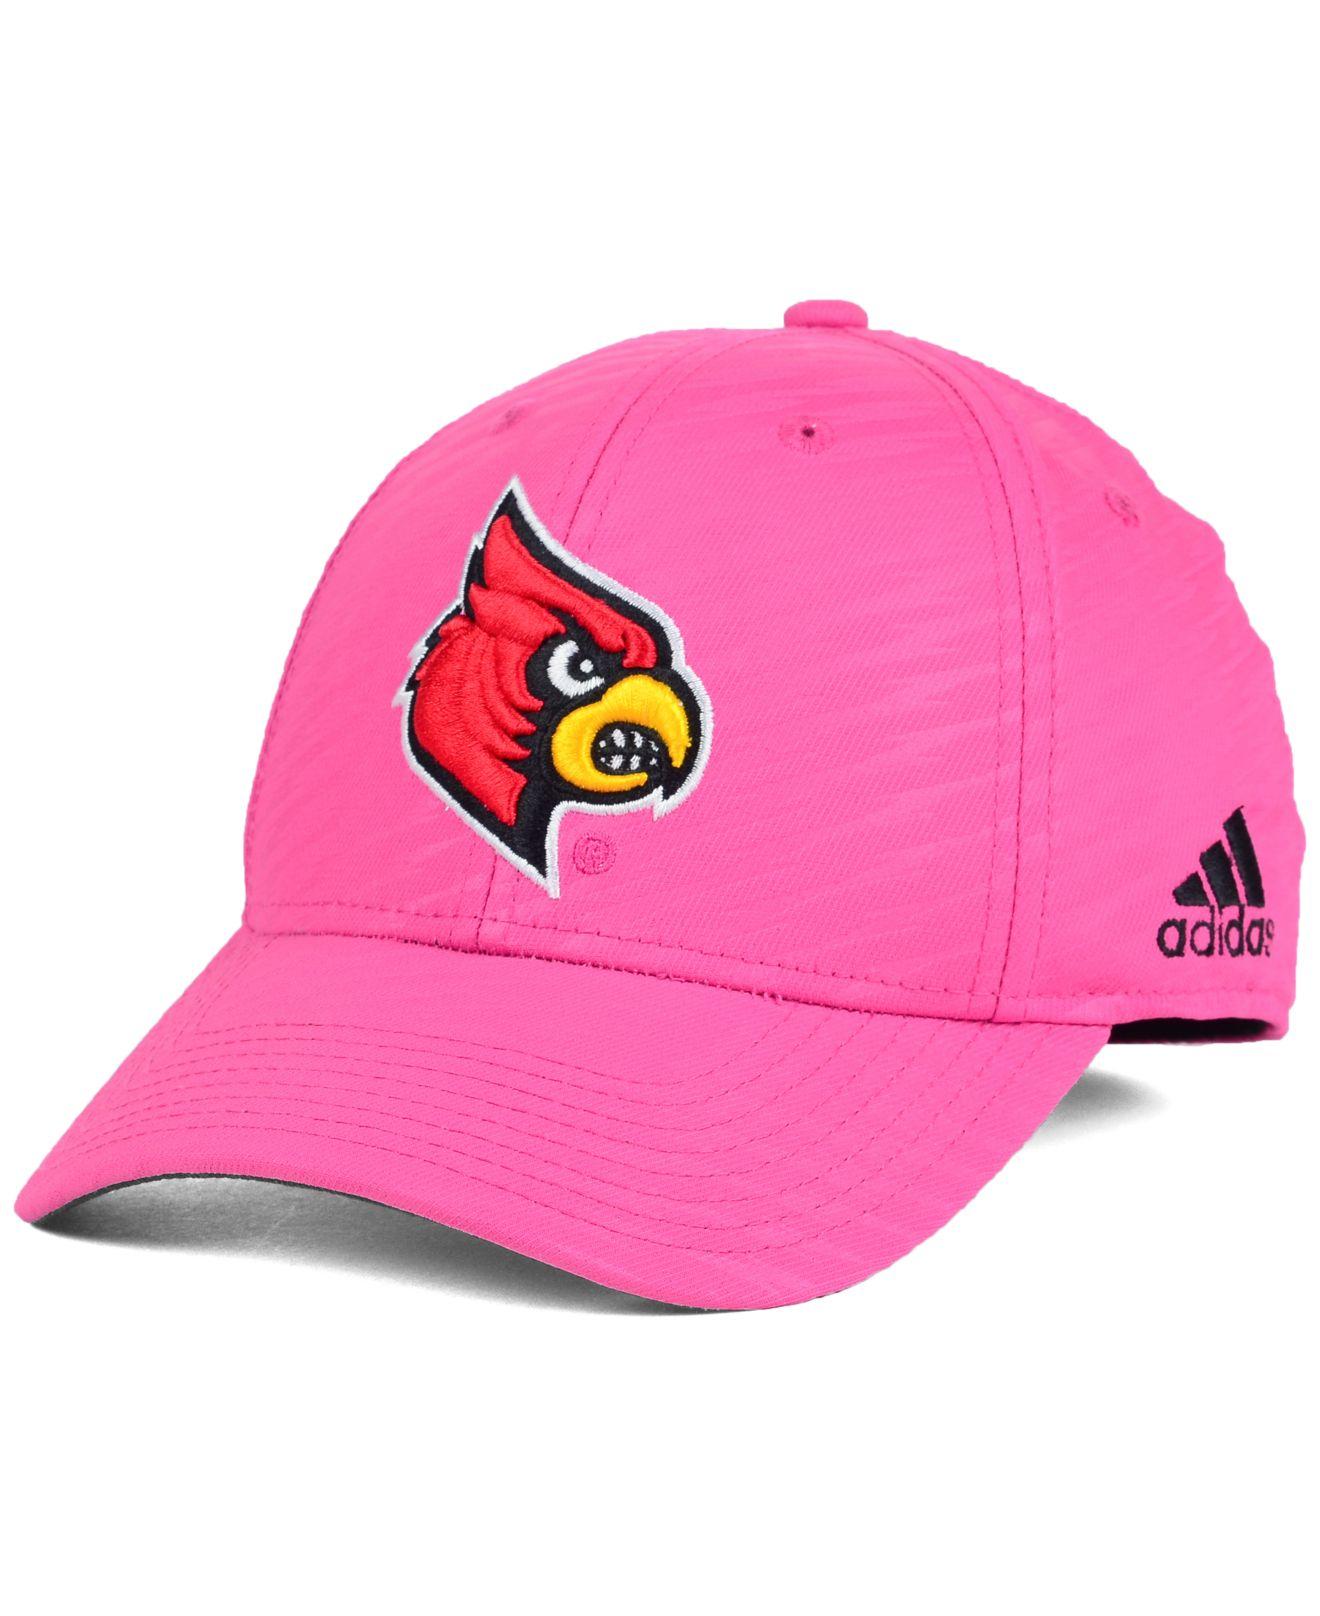 Lyst - adidas Women S Louisville Cardinals Bca Flex Cap in Pink fb2d96d52